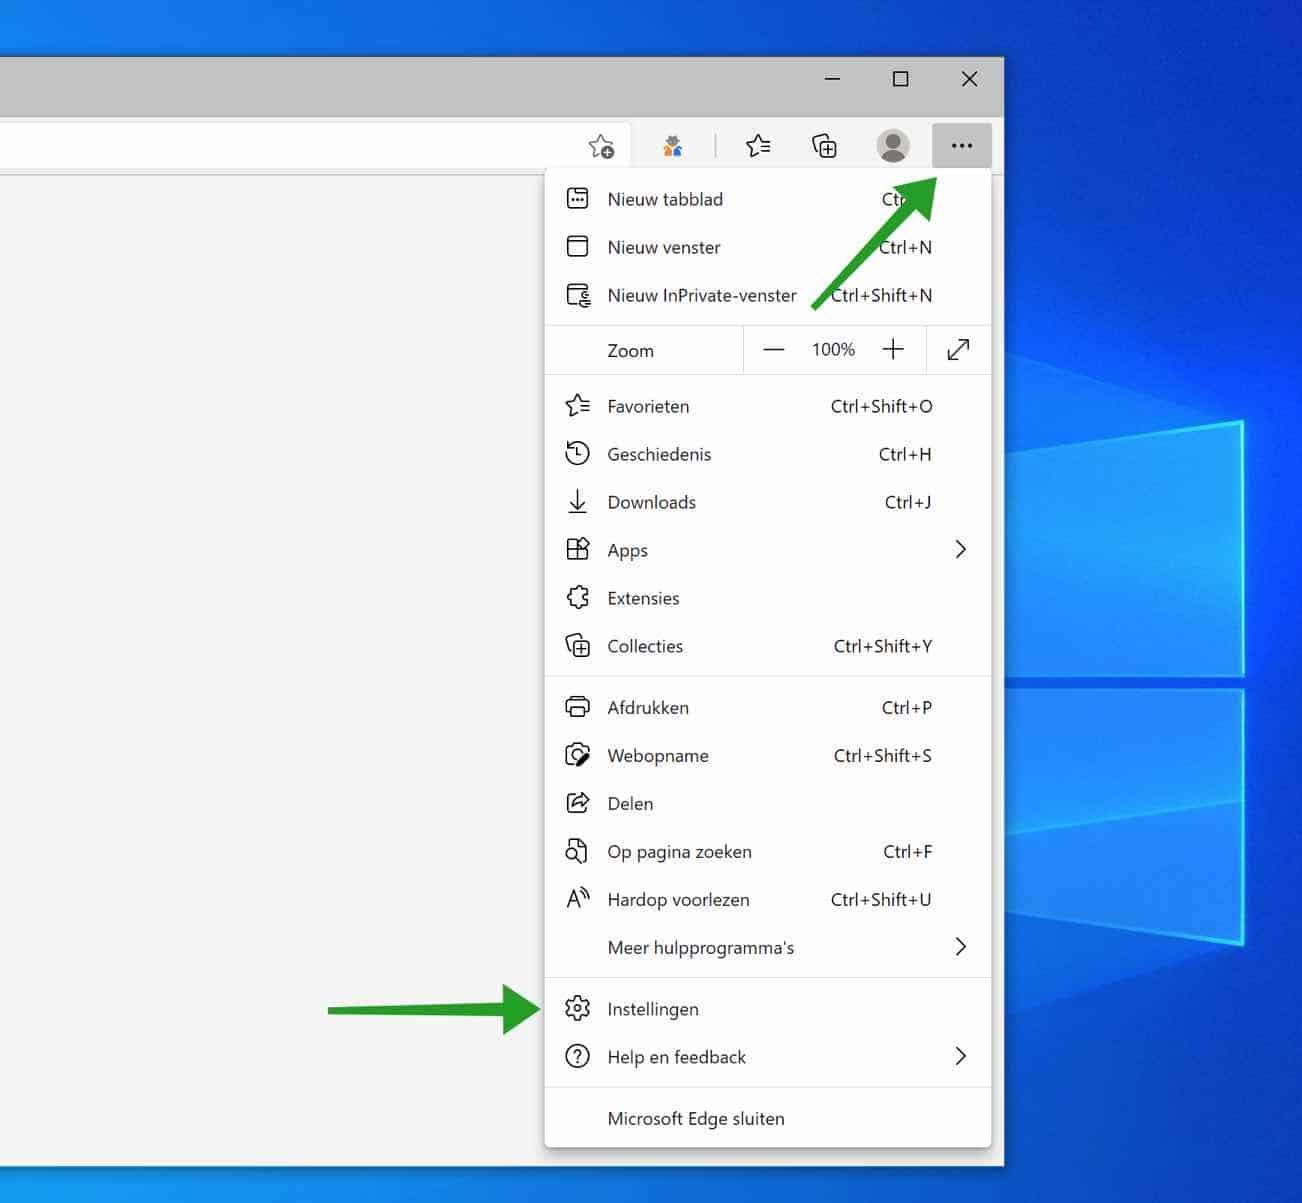 microsoft edge menu openen